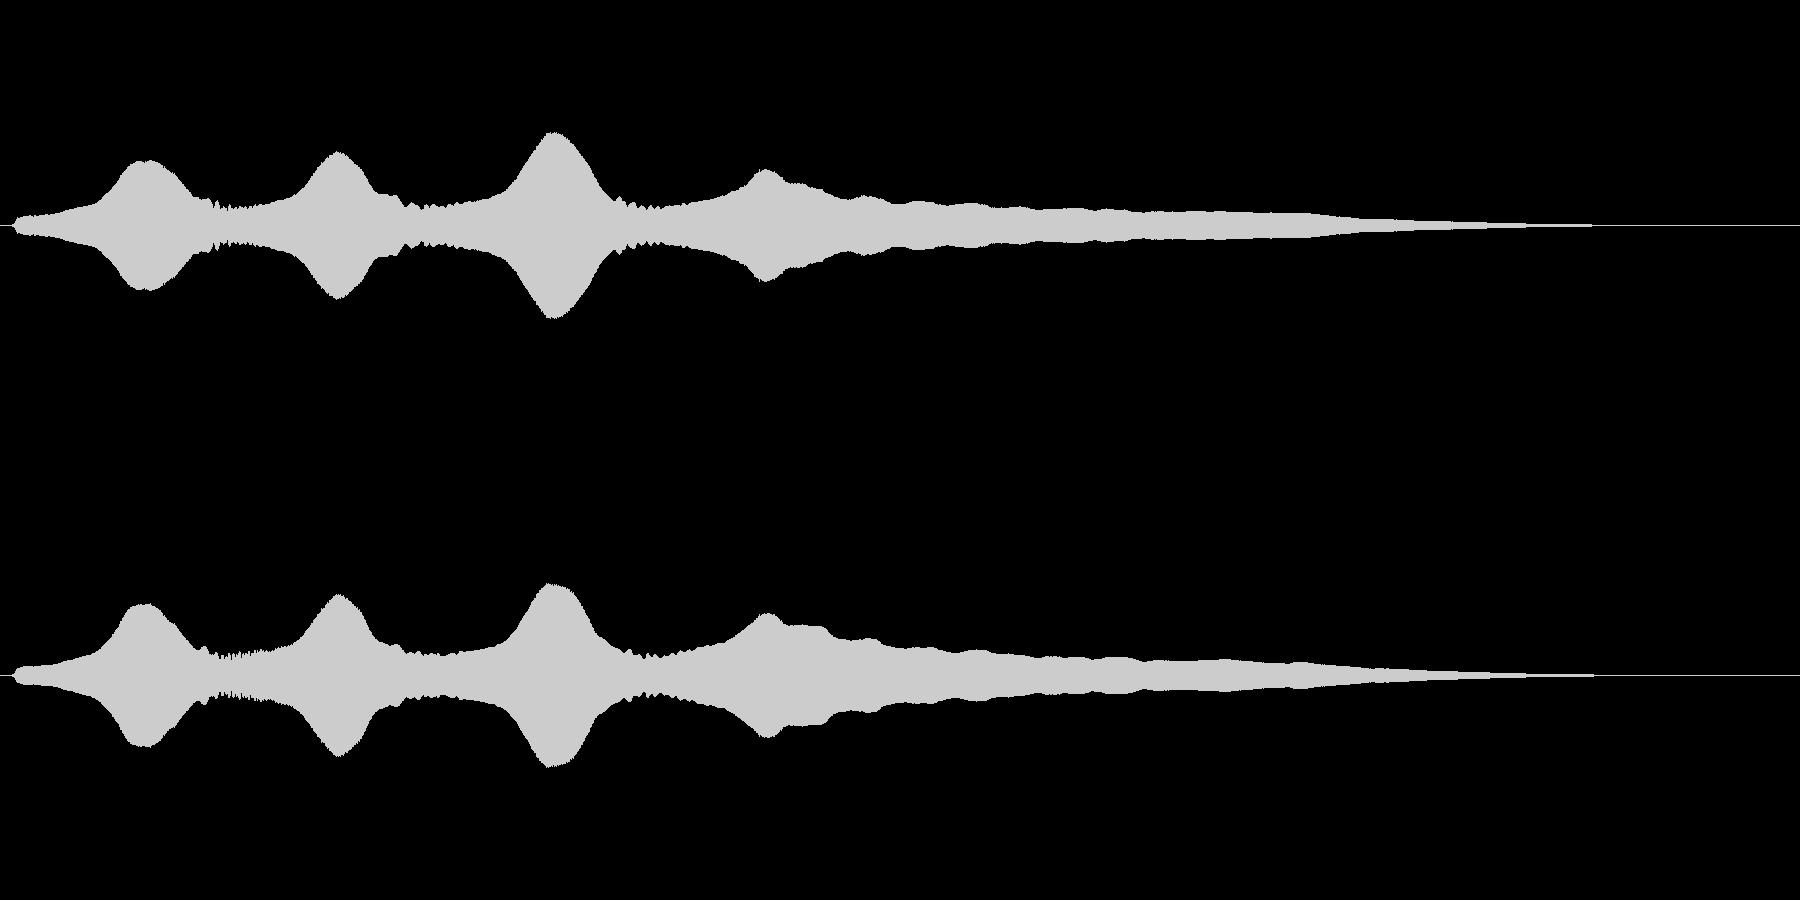 残念な効果音(トロンボーン)の未再生の波形